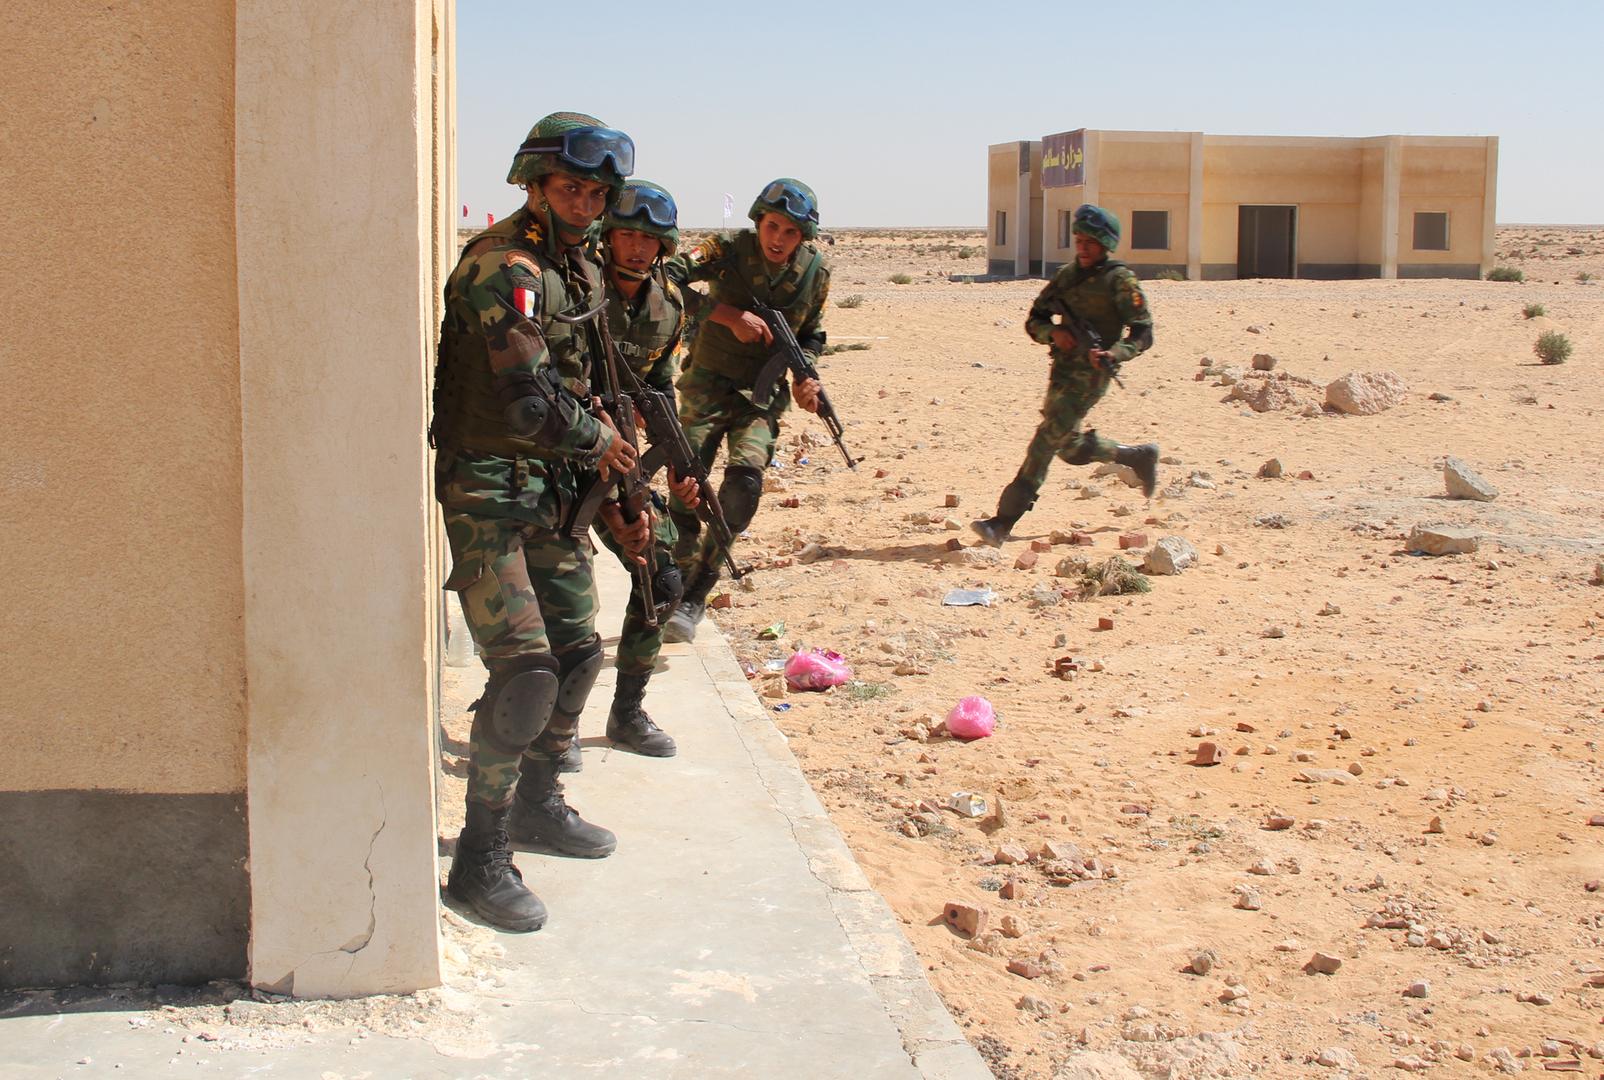 الجيش المصري يتدرب على تنفيذ عملية عسكرية في إحدى جزر البحر الأحمر